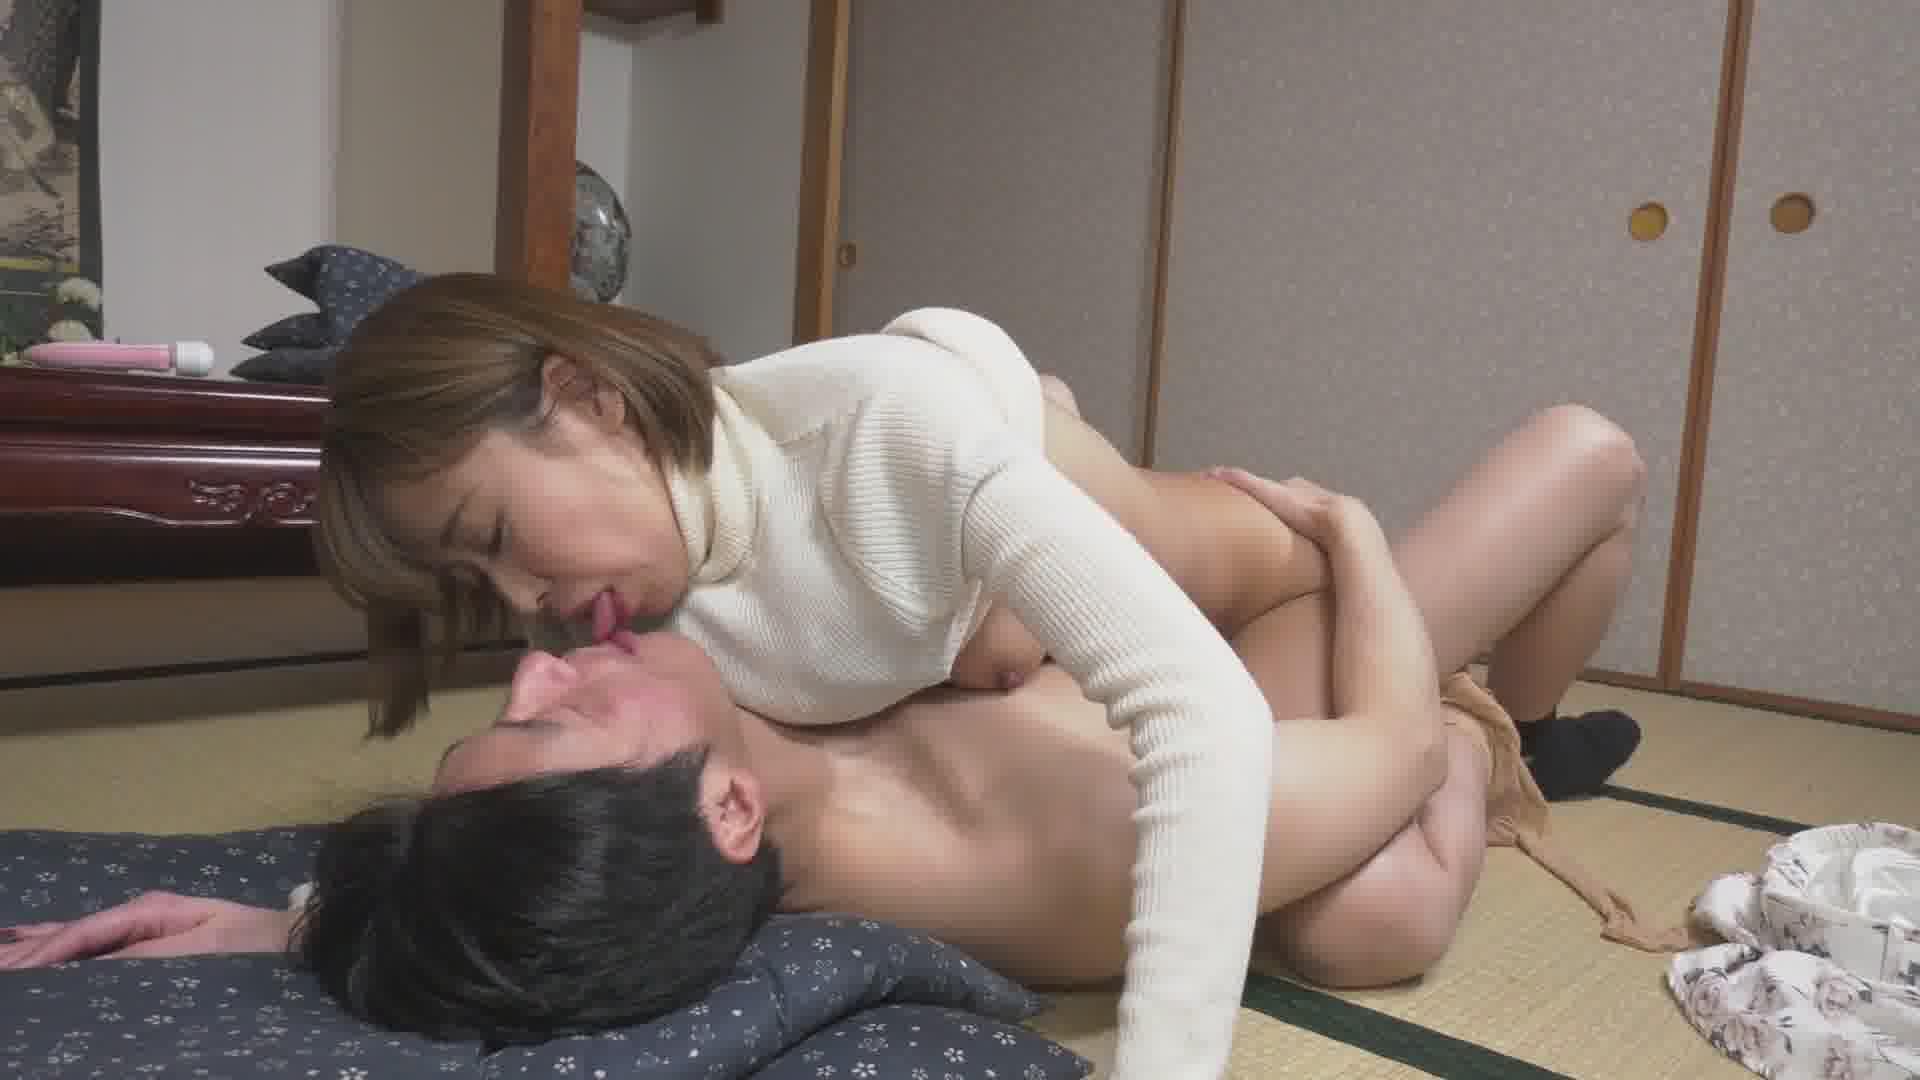 恍惚 ~今日は何度もイっちゃいたい気分~ - 夏川未来【痴女・巨乳・中出し】